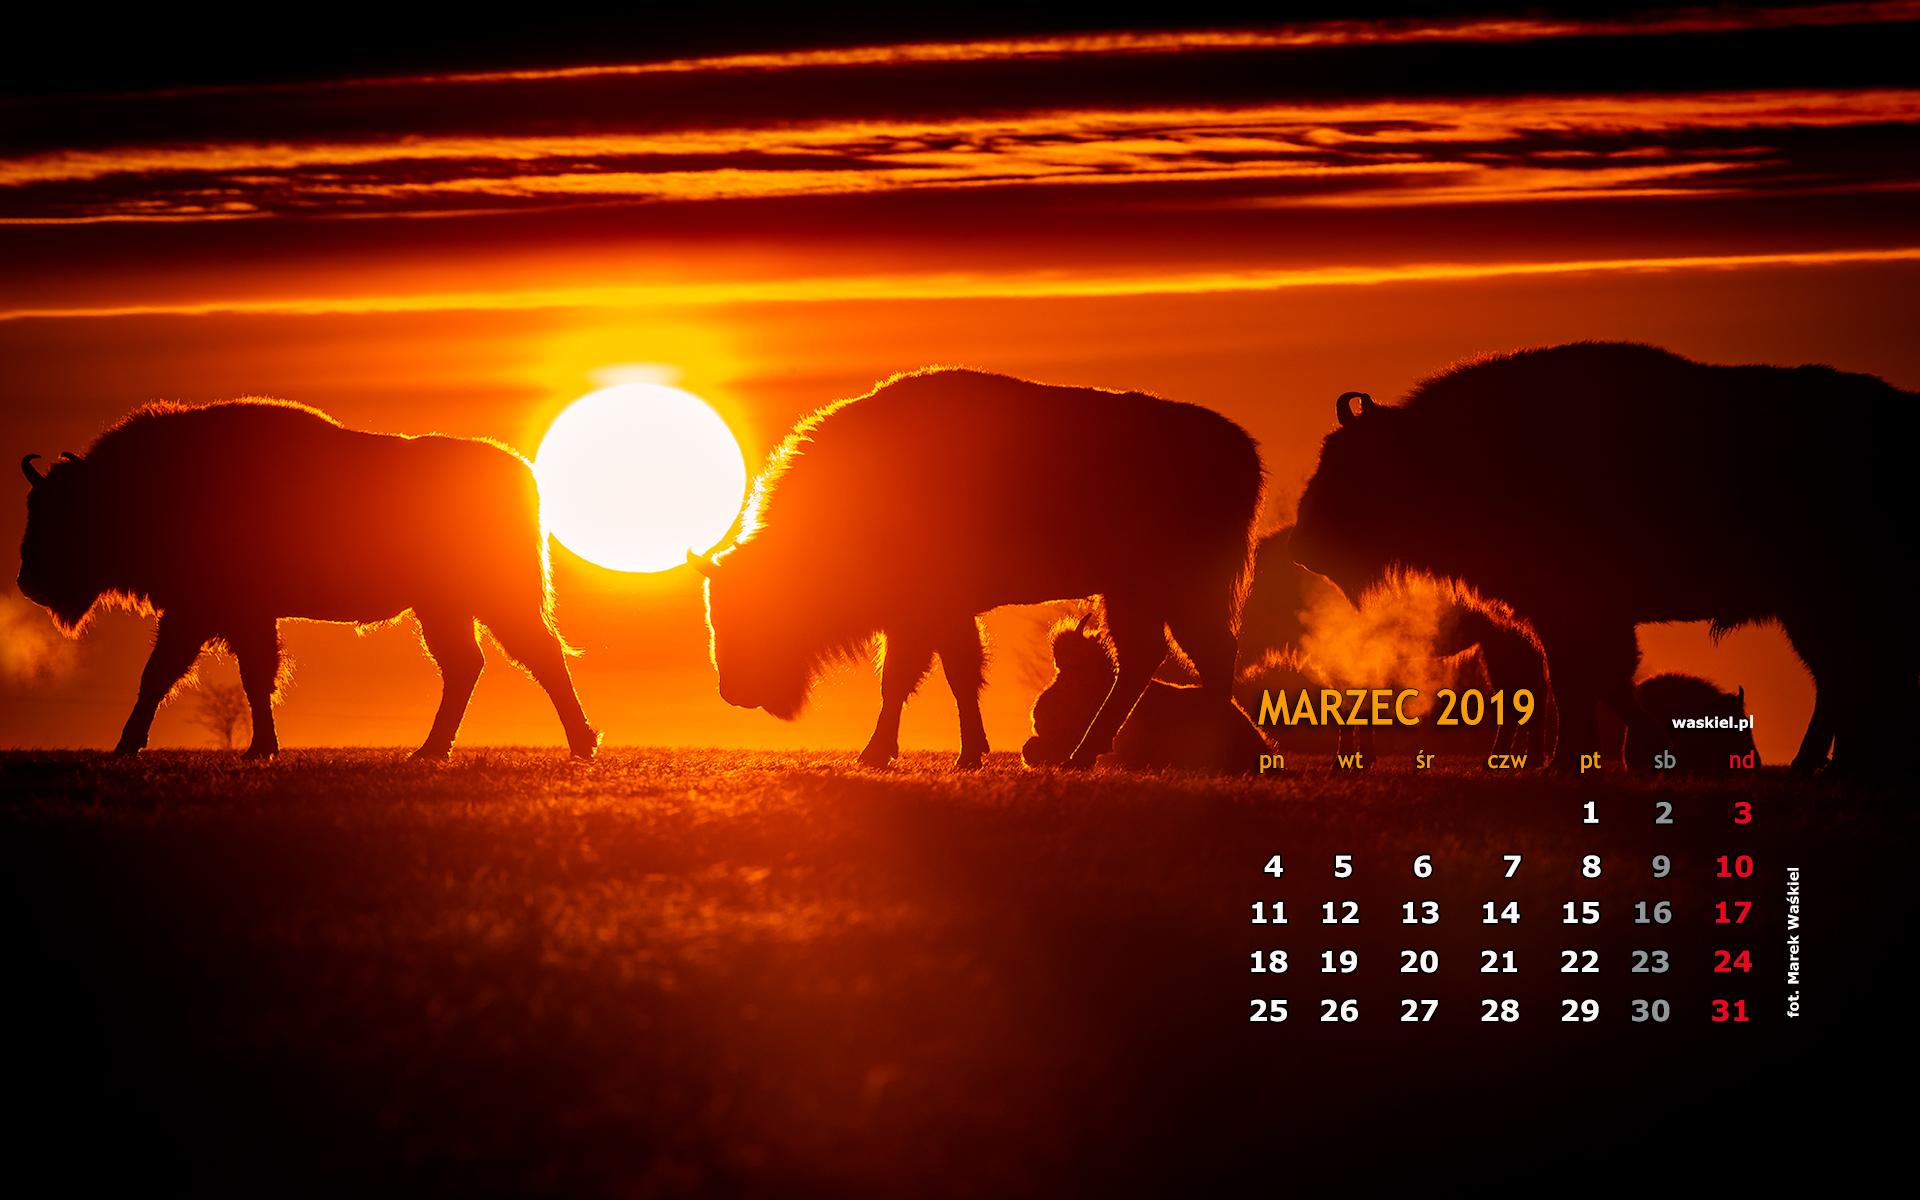 Tapeta Na Pulpit Marzec 2019 Kurs Fotografii Warszawa Marek